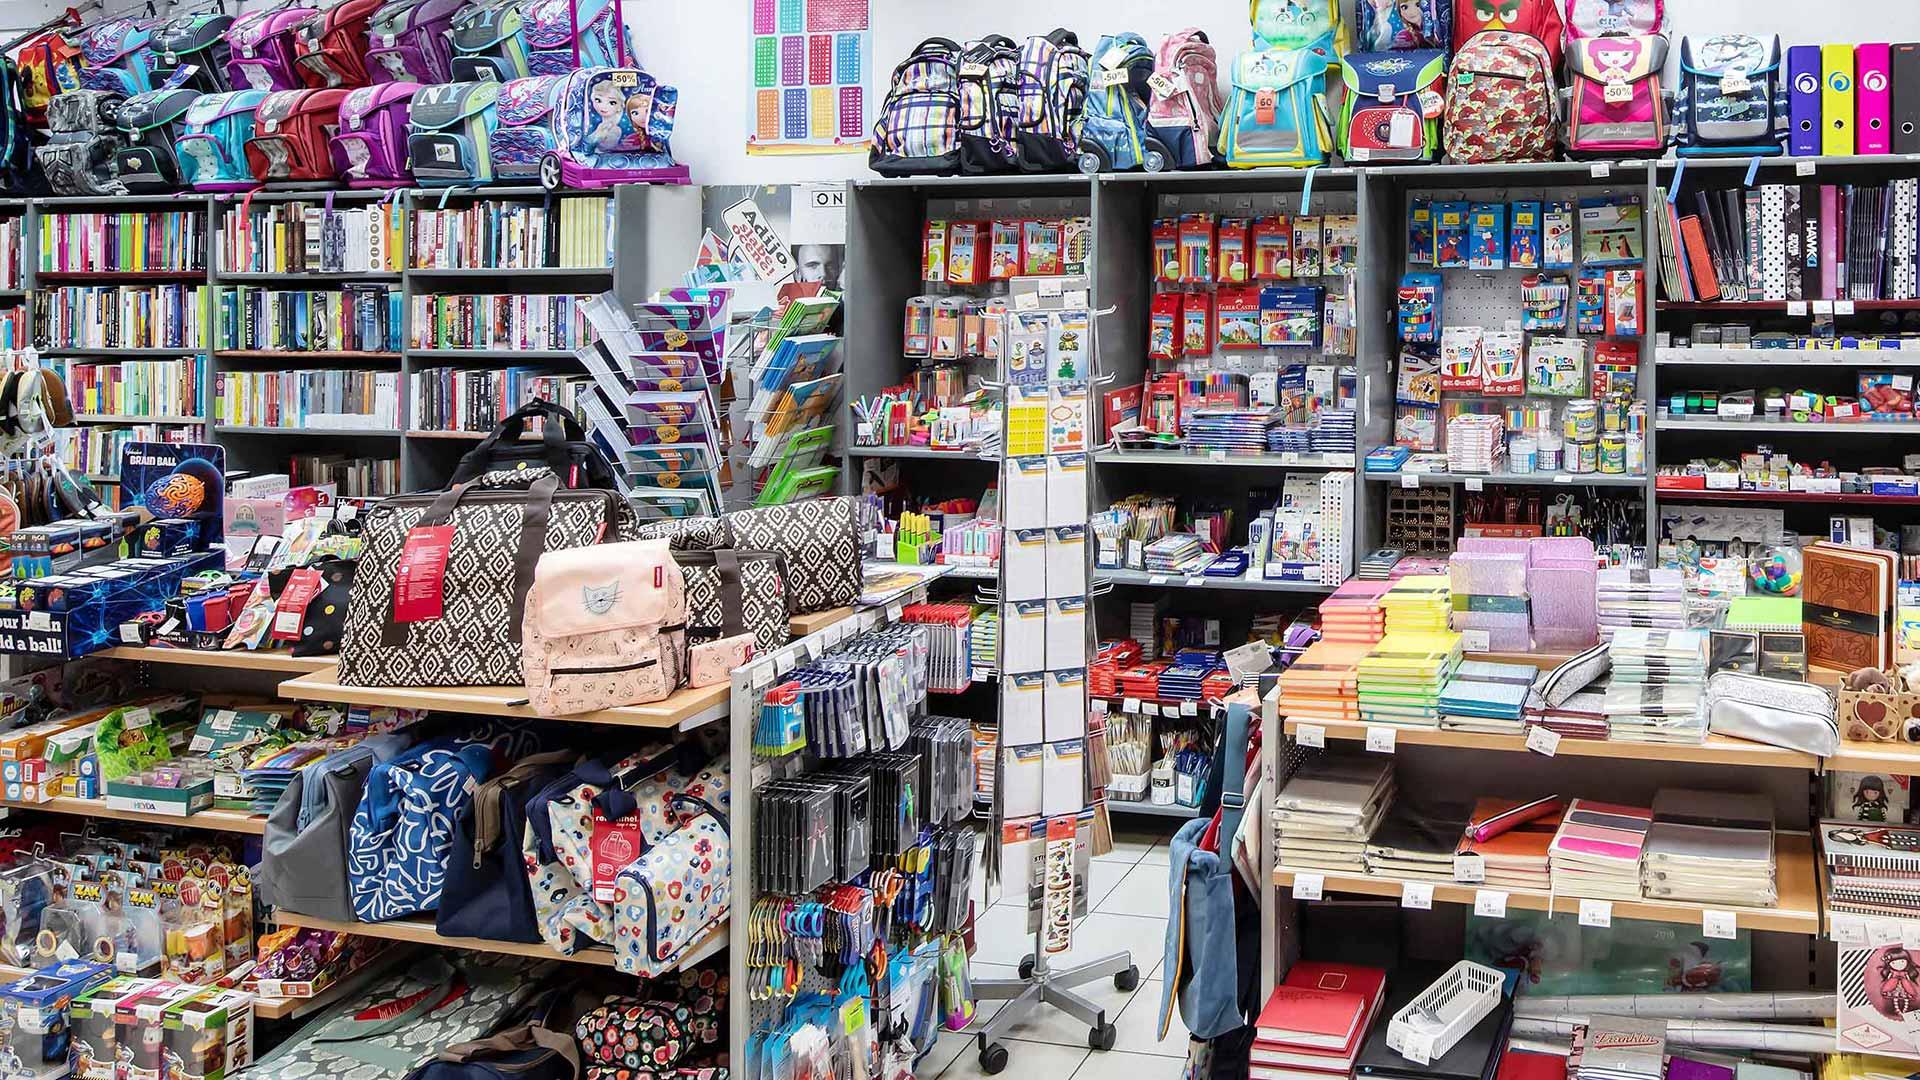 DZS trgovina, knjigarna in papirnica